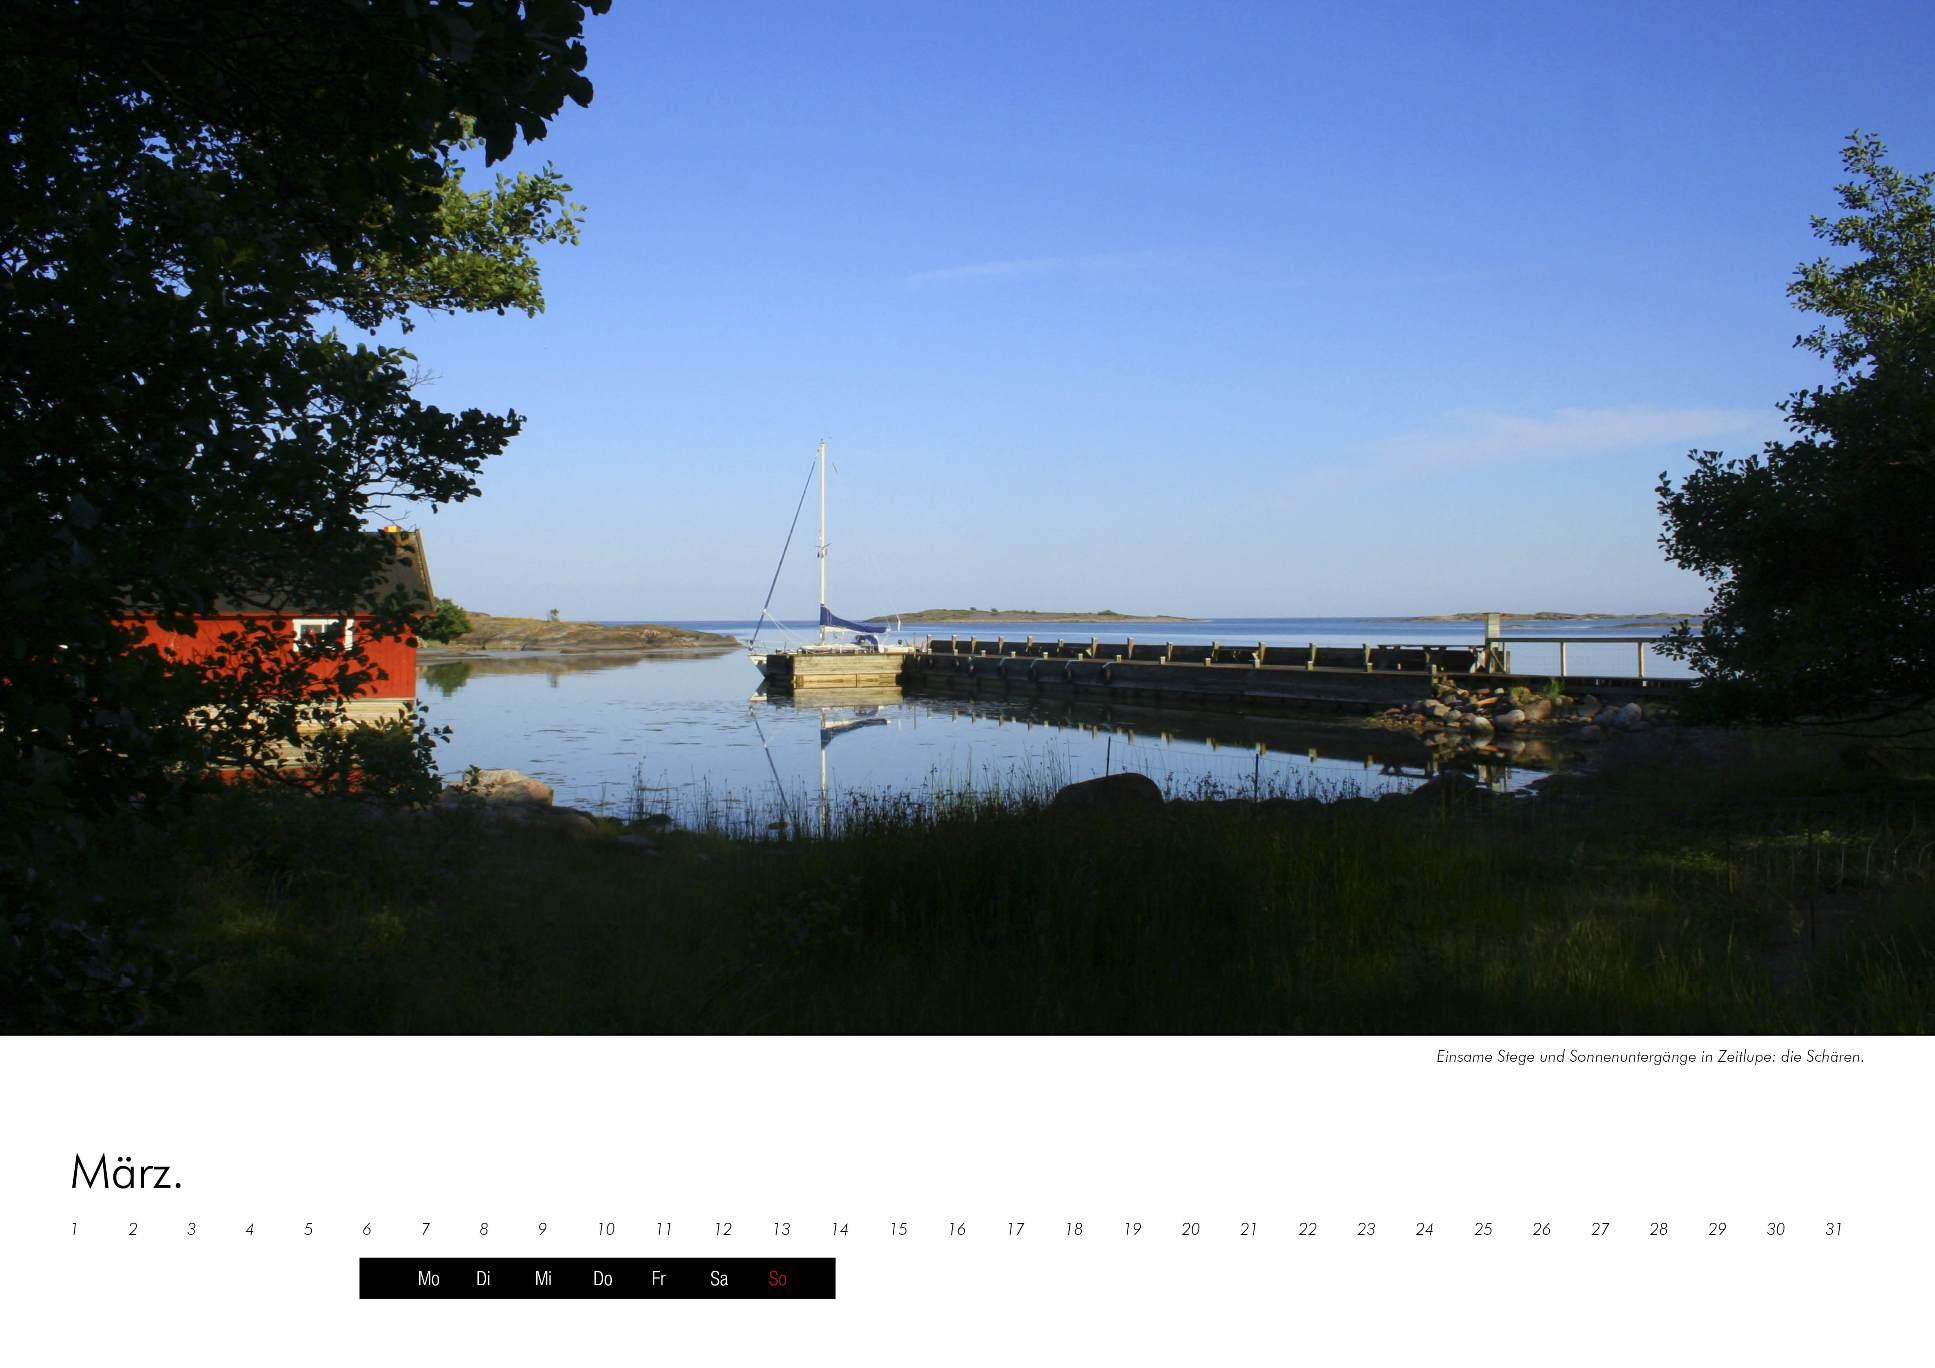 Kalenderbild einer romantischen Bucht in den schwedischen Schären im immerwährenden Kalender